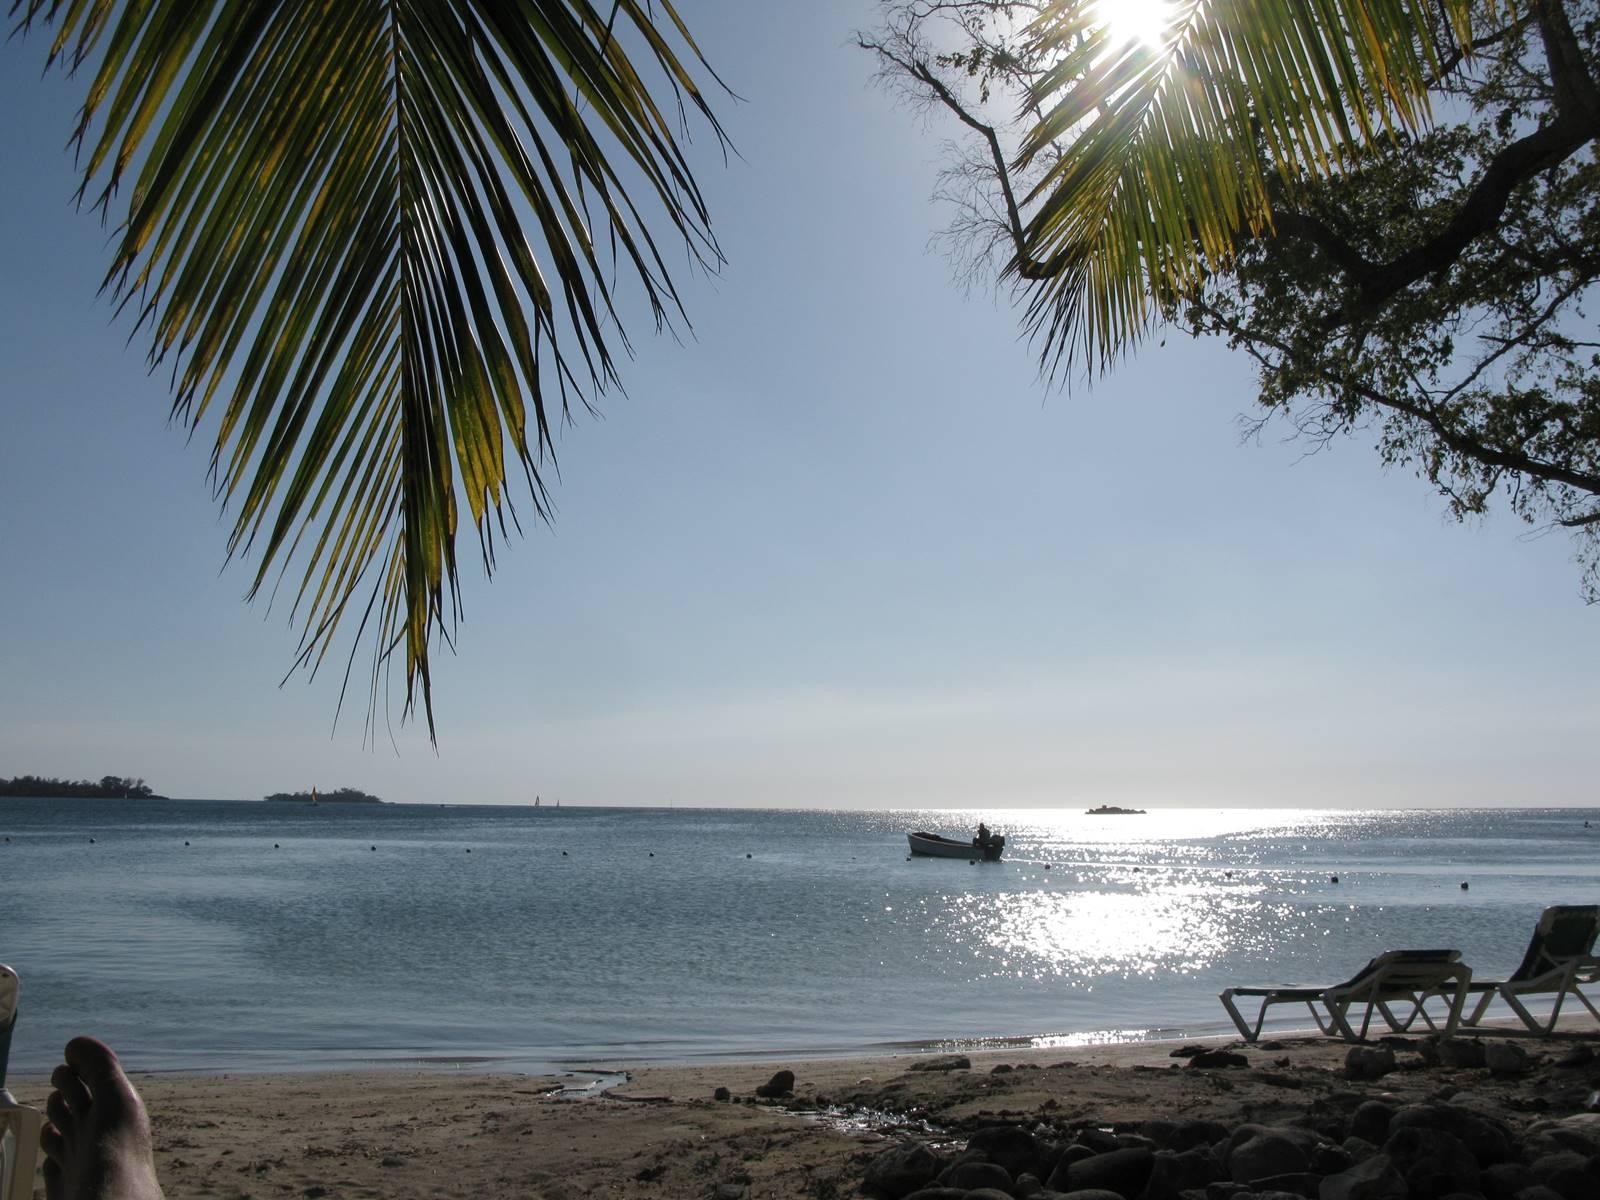 Jamaique Caraibes (14)